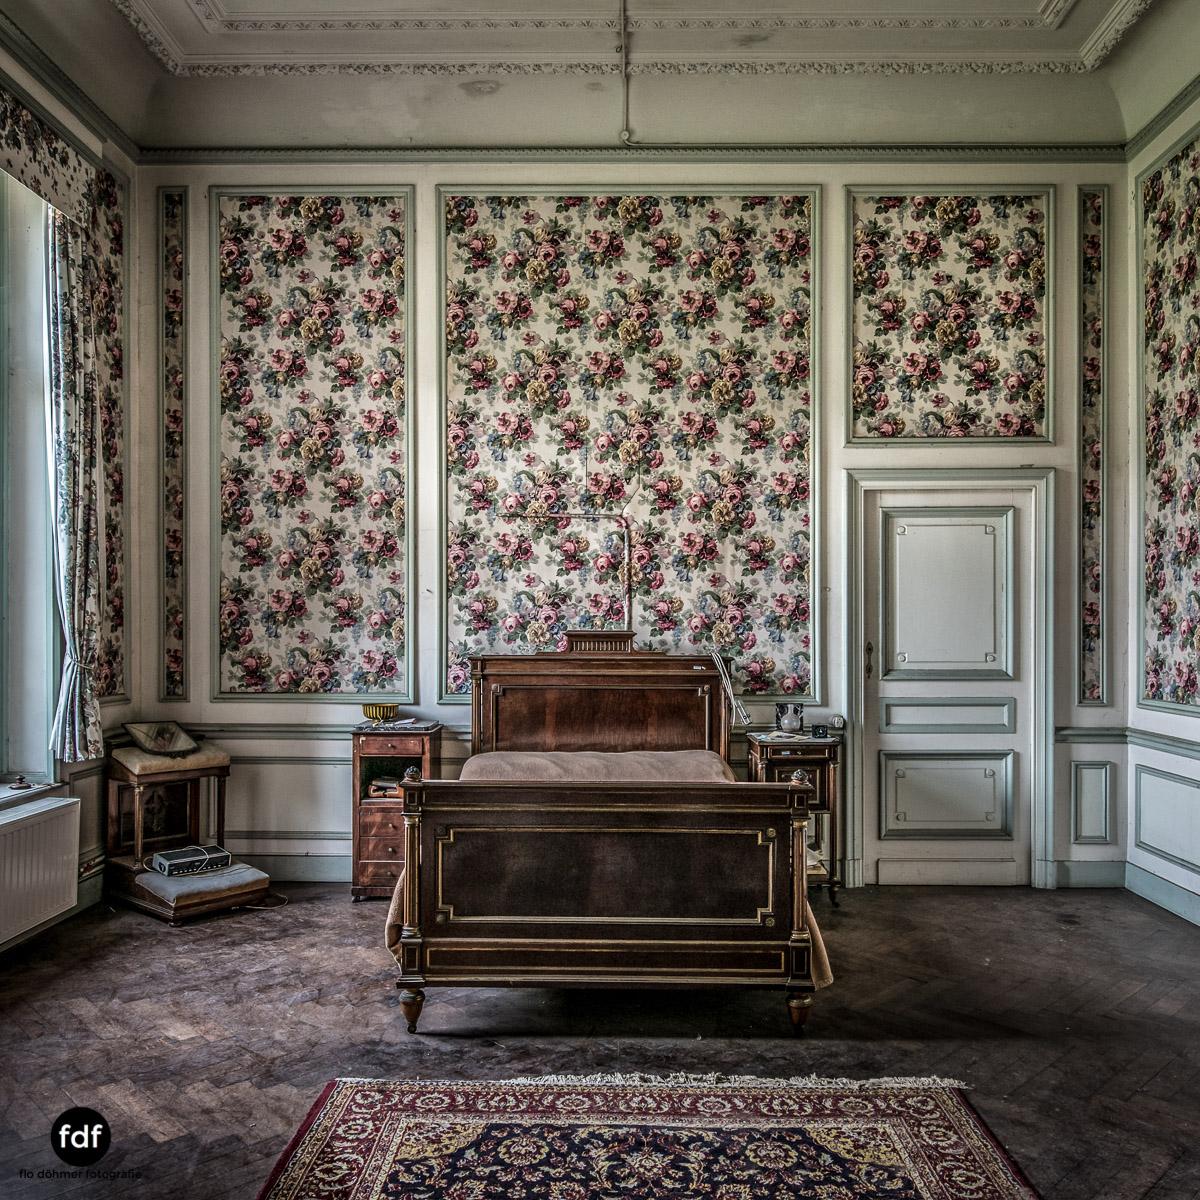 Chateau de la Foret-114-Bearbeitet.jpg